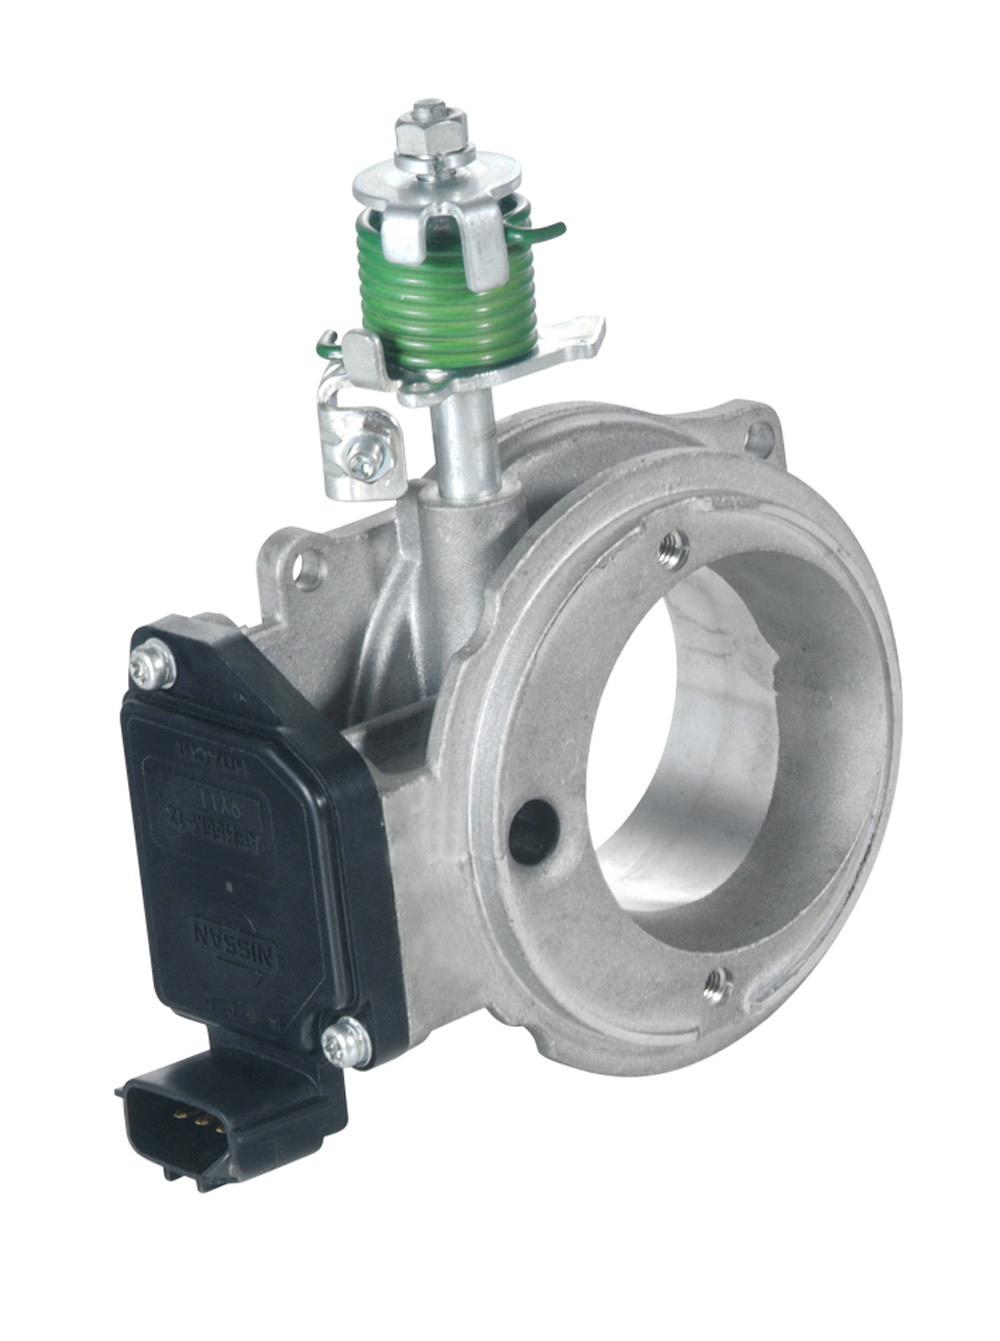 Sensor Maf Gauss SEN-GH5284